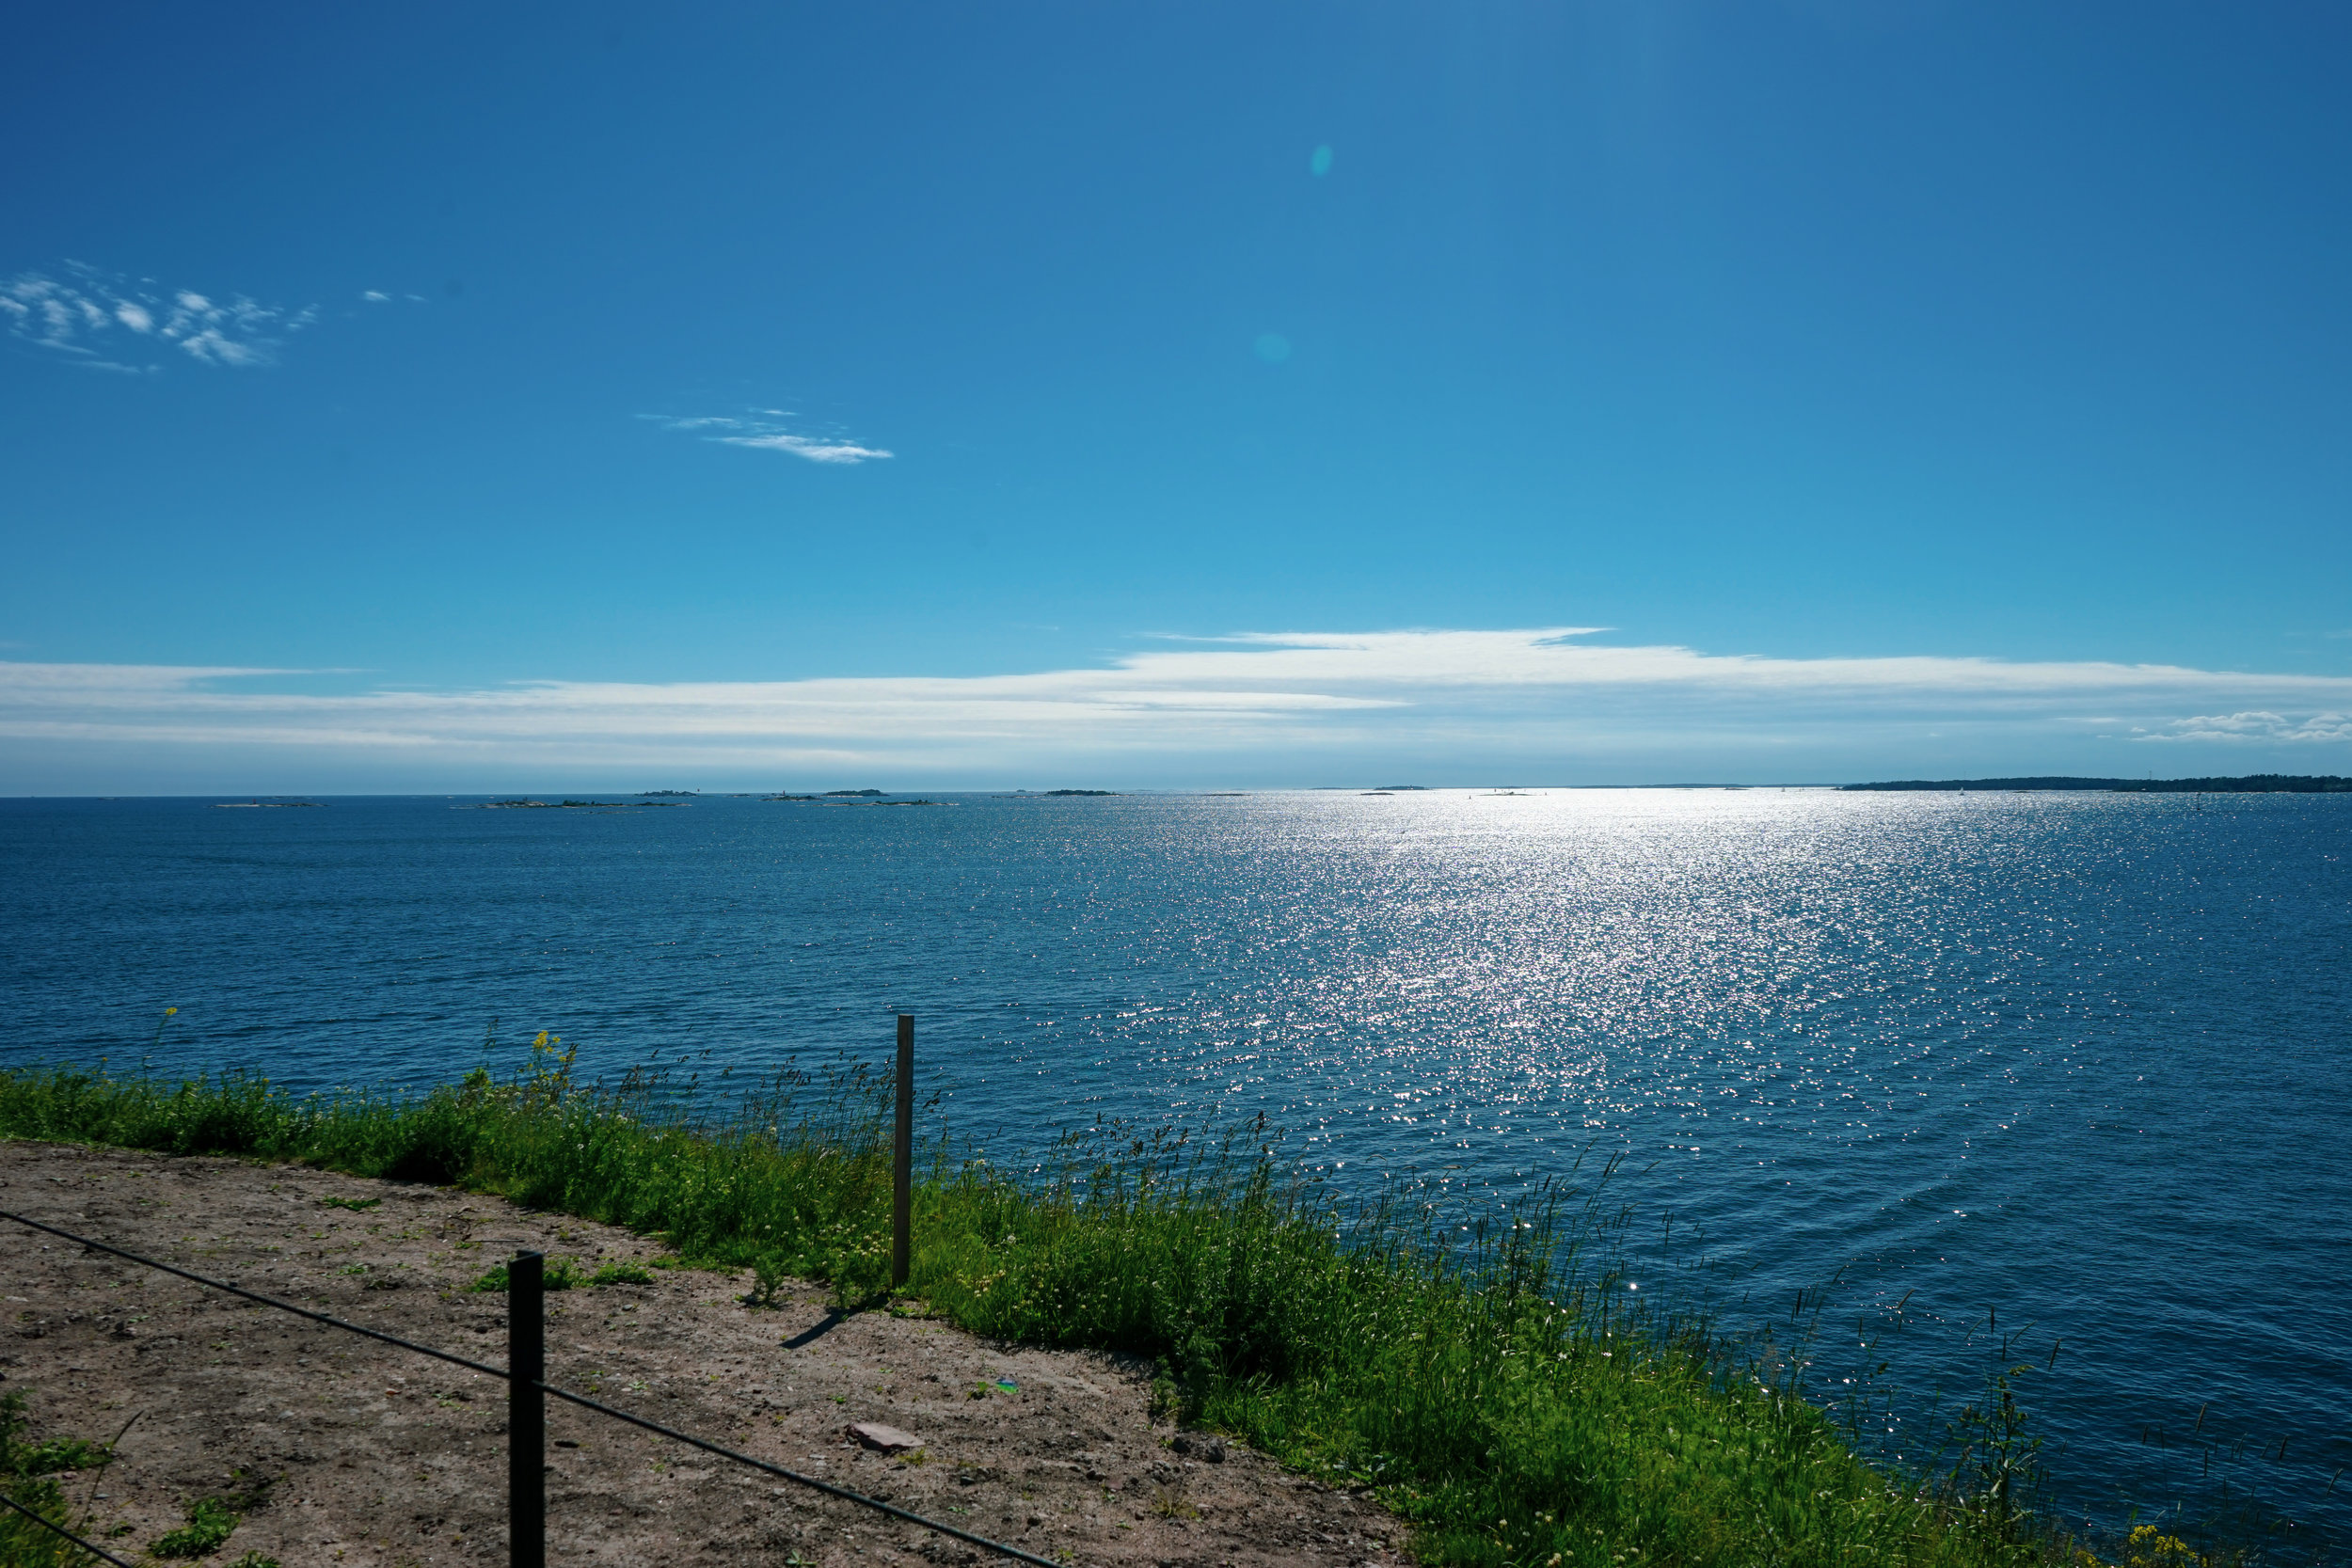 小海島的邊陲,是波羅的海的開端。每一次遠眺大海,我都不禁想像另一端陸地的模樣。